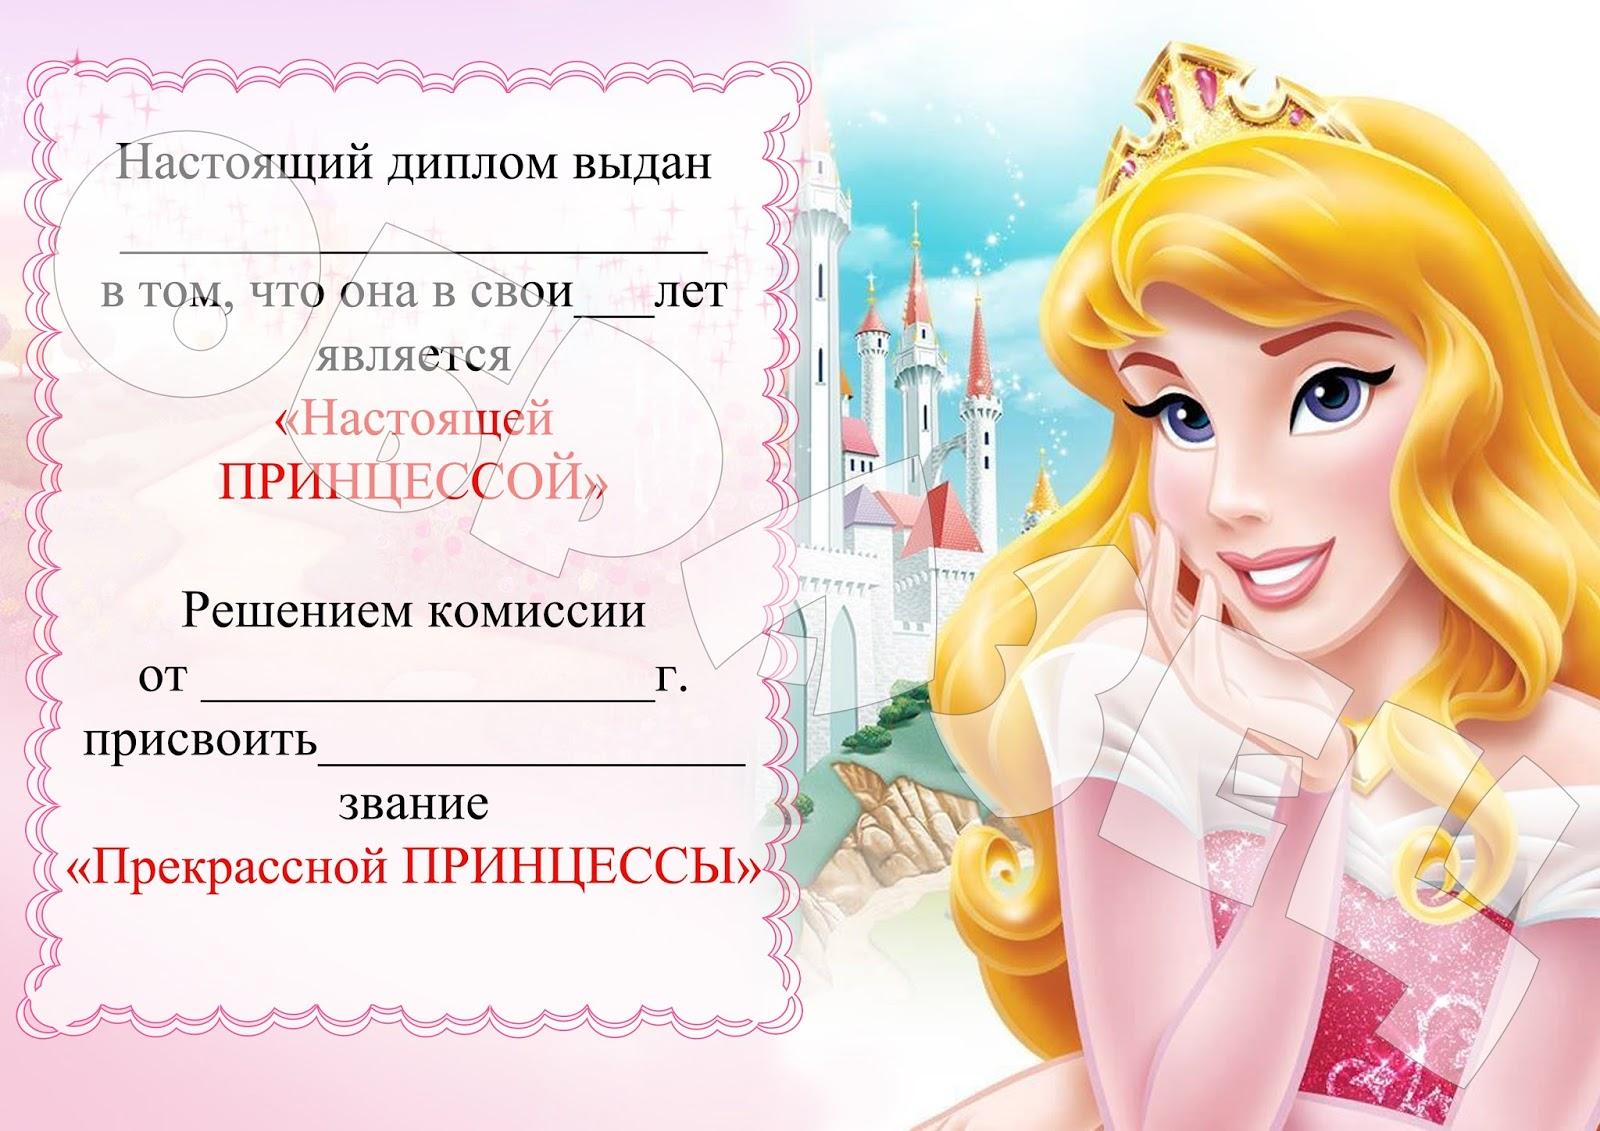 Сценарий к конкурсу я принцесса